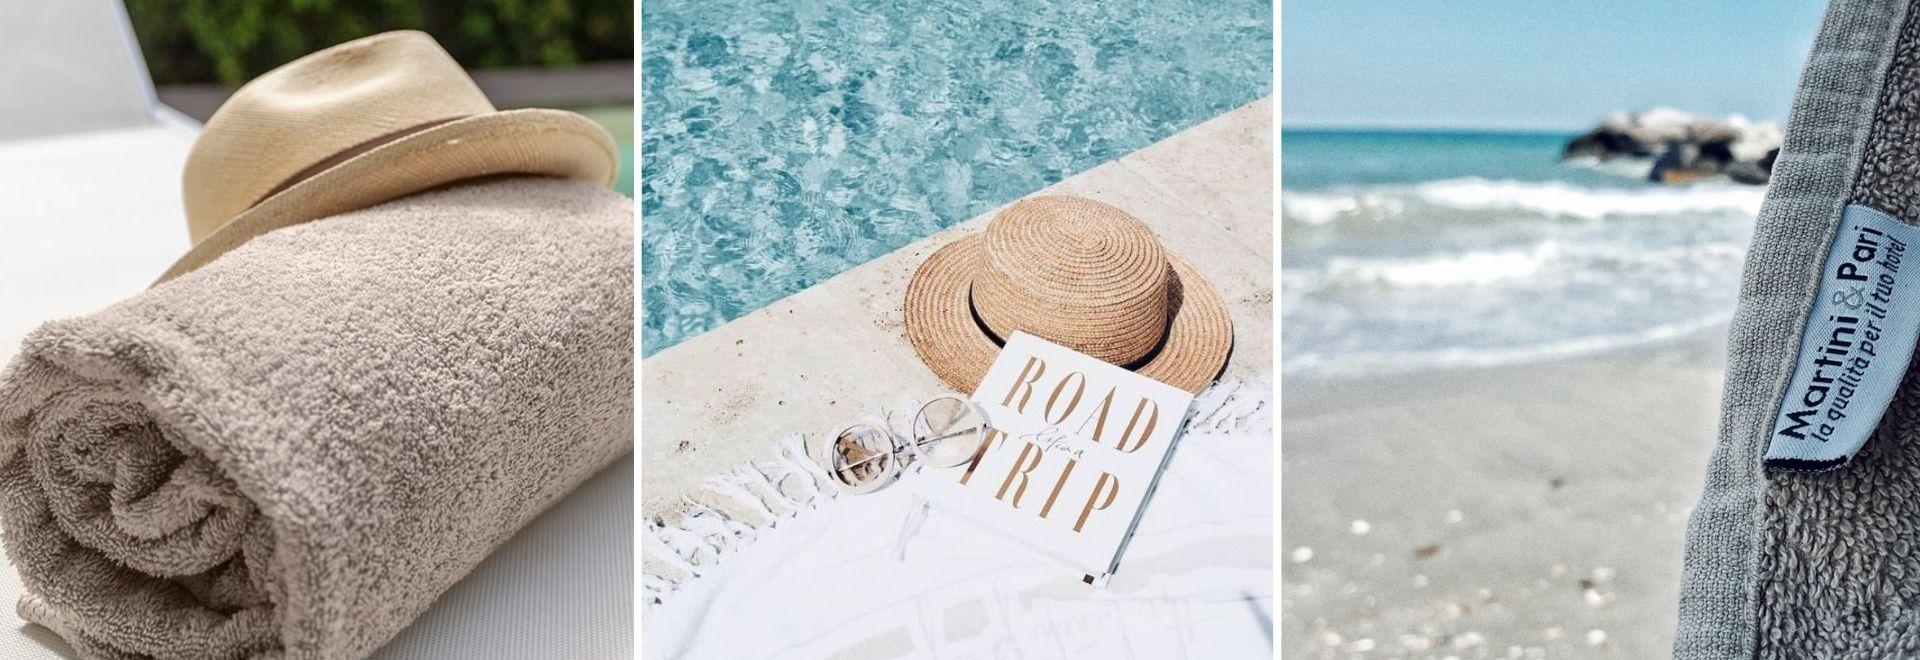 Teli-mare-piscina-hotel-alberghi-b-e-b